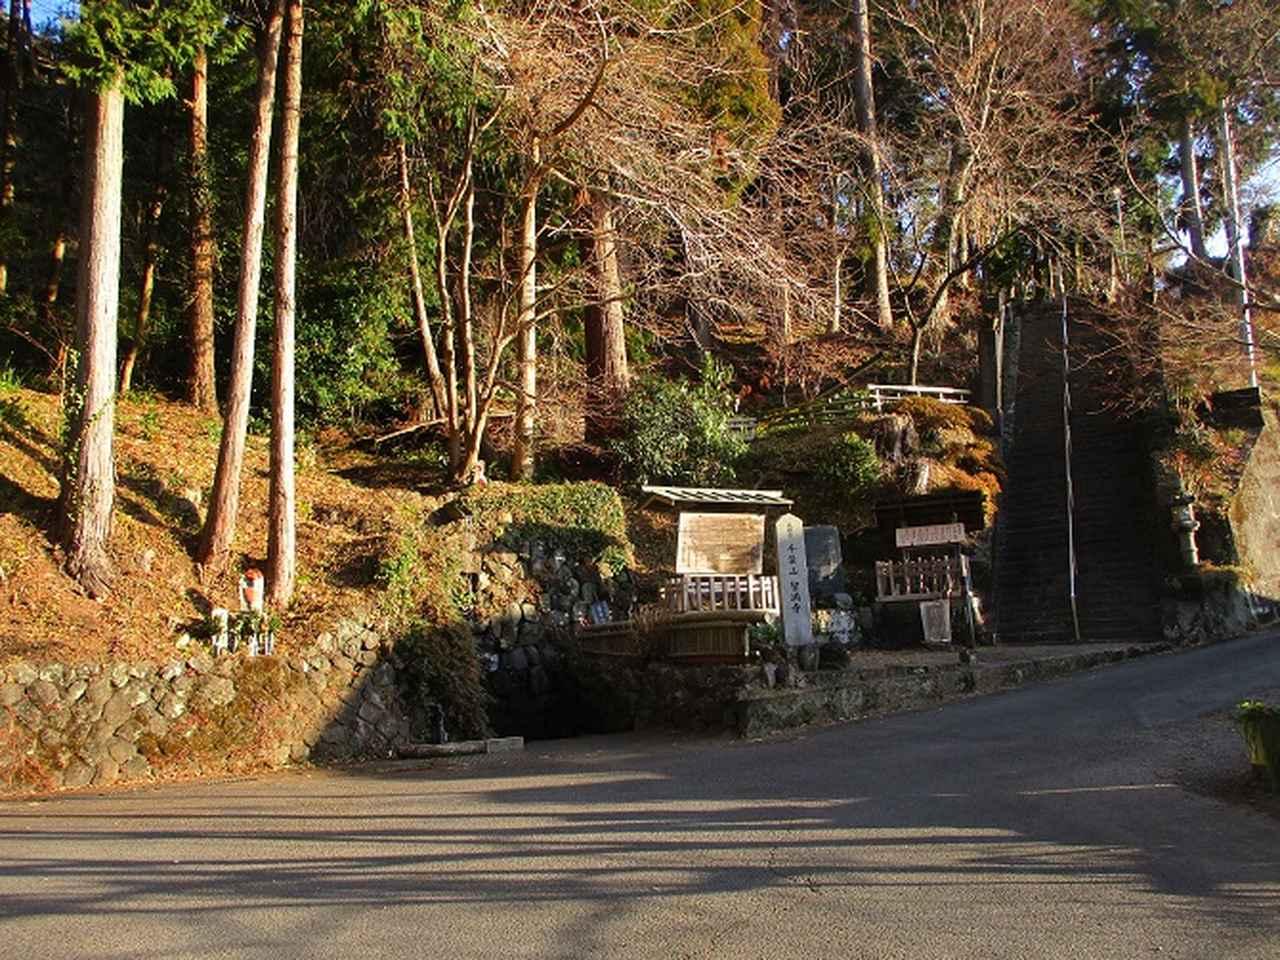 画像6: 【山旅会・登山ガイドこだわりツアー】岡田ガイドからの便り・千葉山ツアーの下見にいってまいりました!